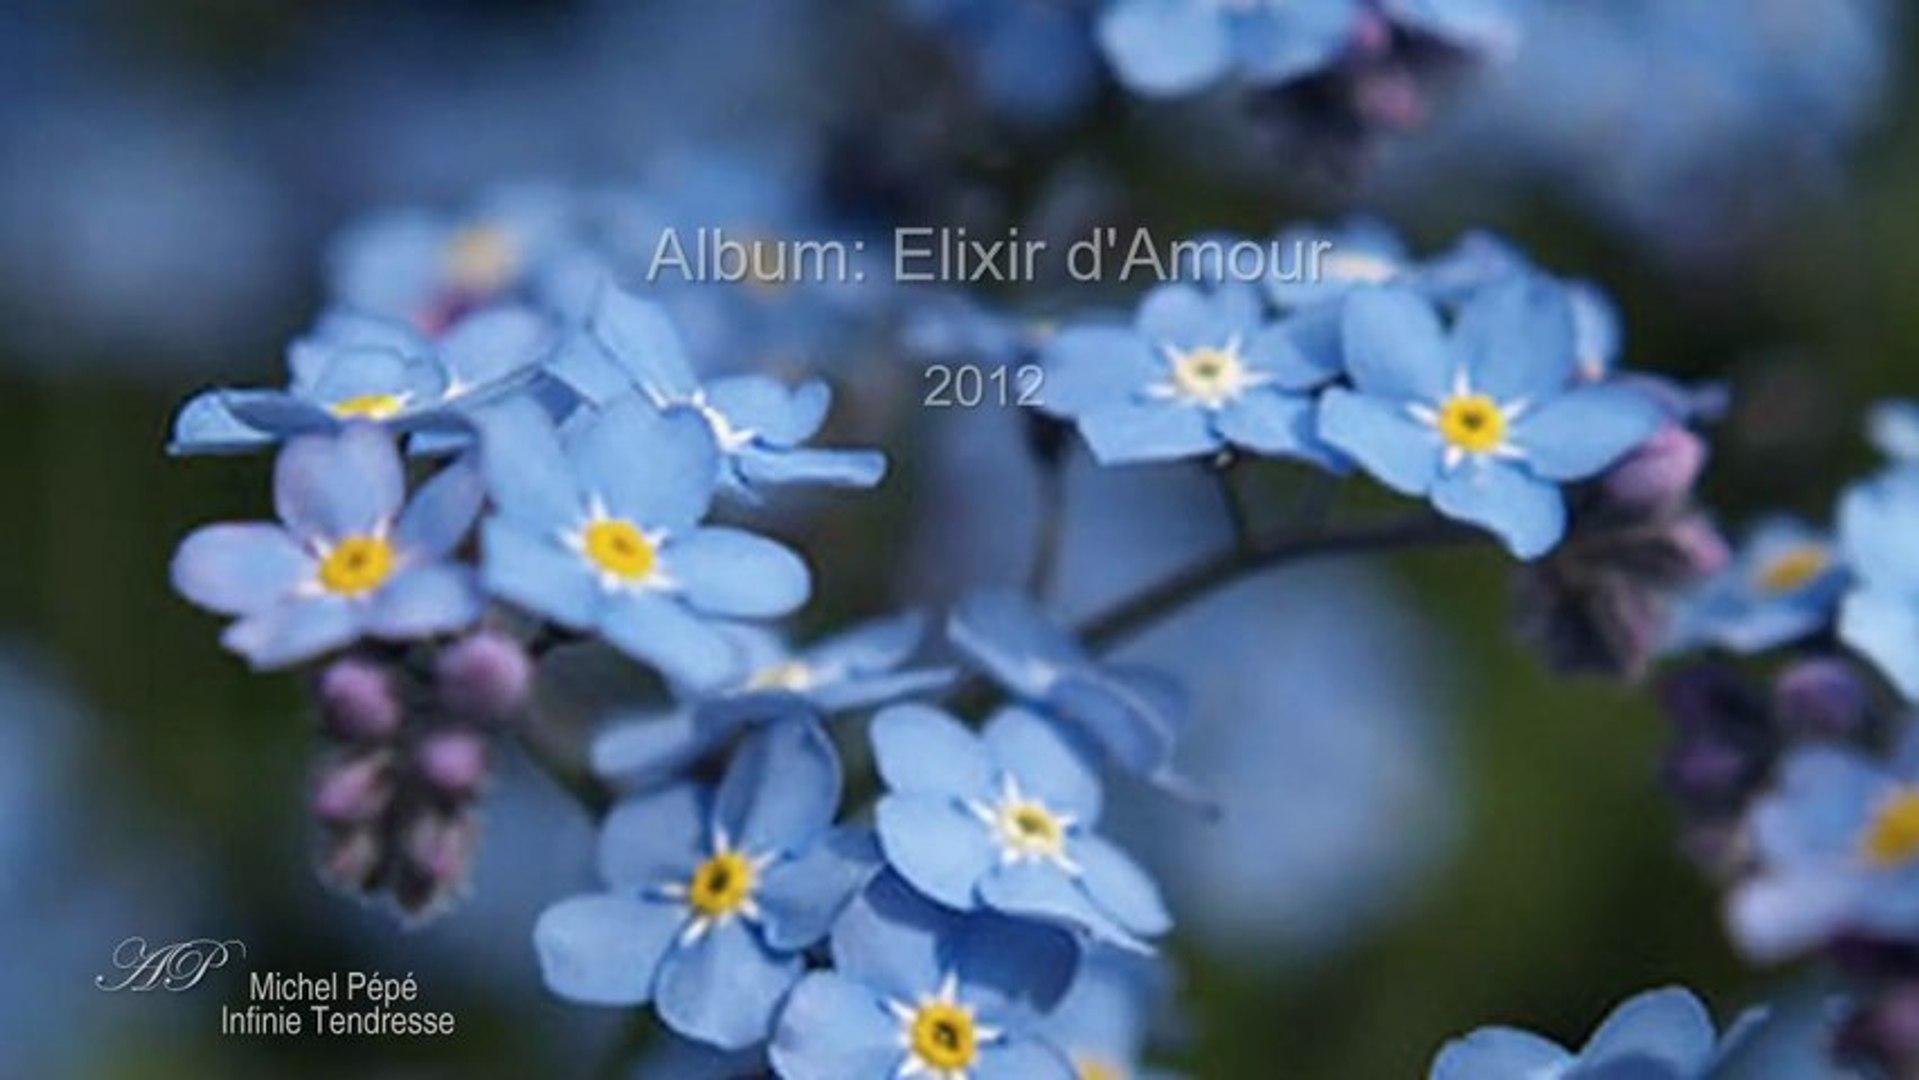 Infinie Tendressealbum Elixir Damour